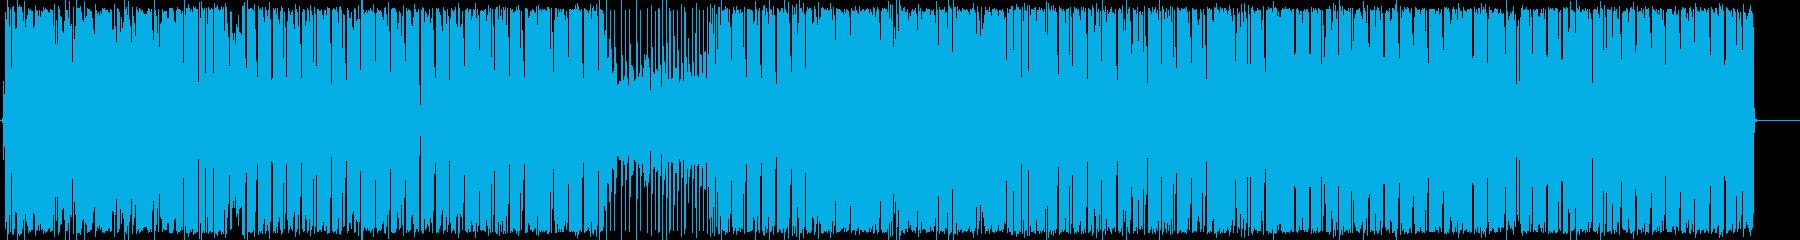 ダンスホールのレゲエは、レゲトンボ...の再生済みの波形